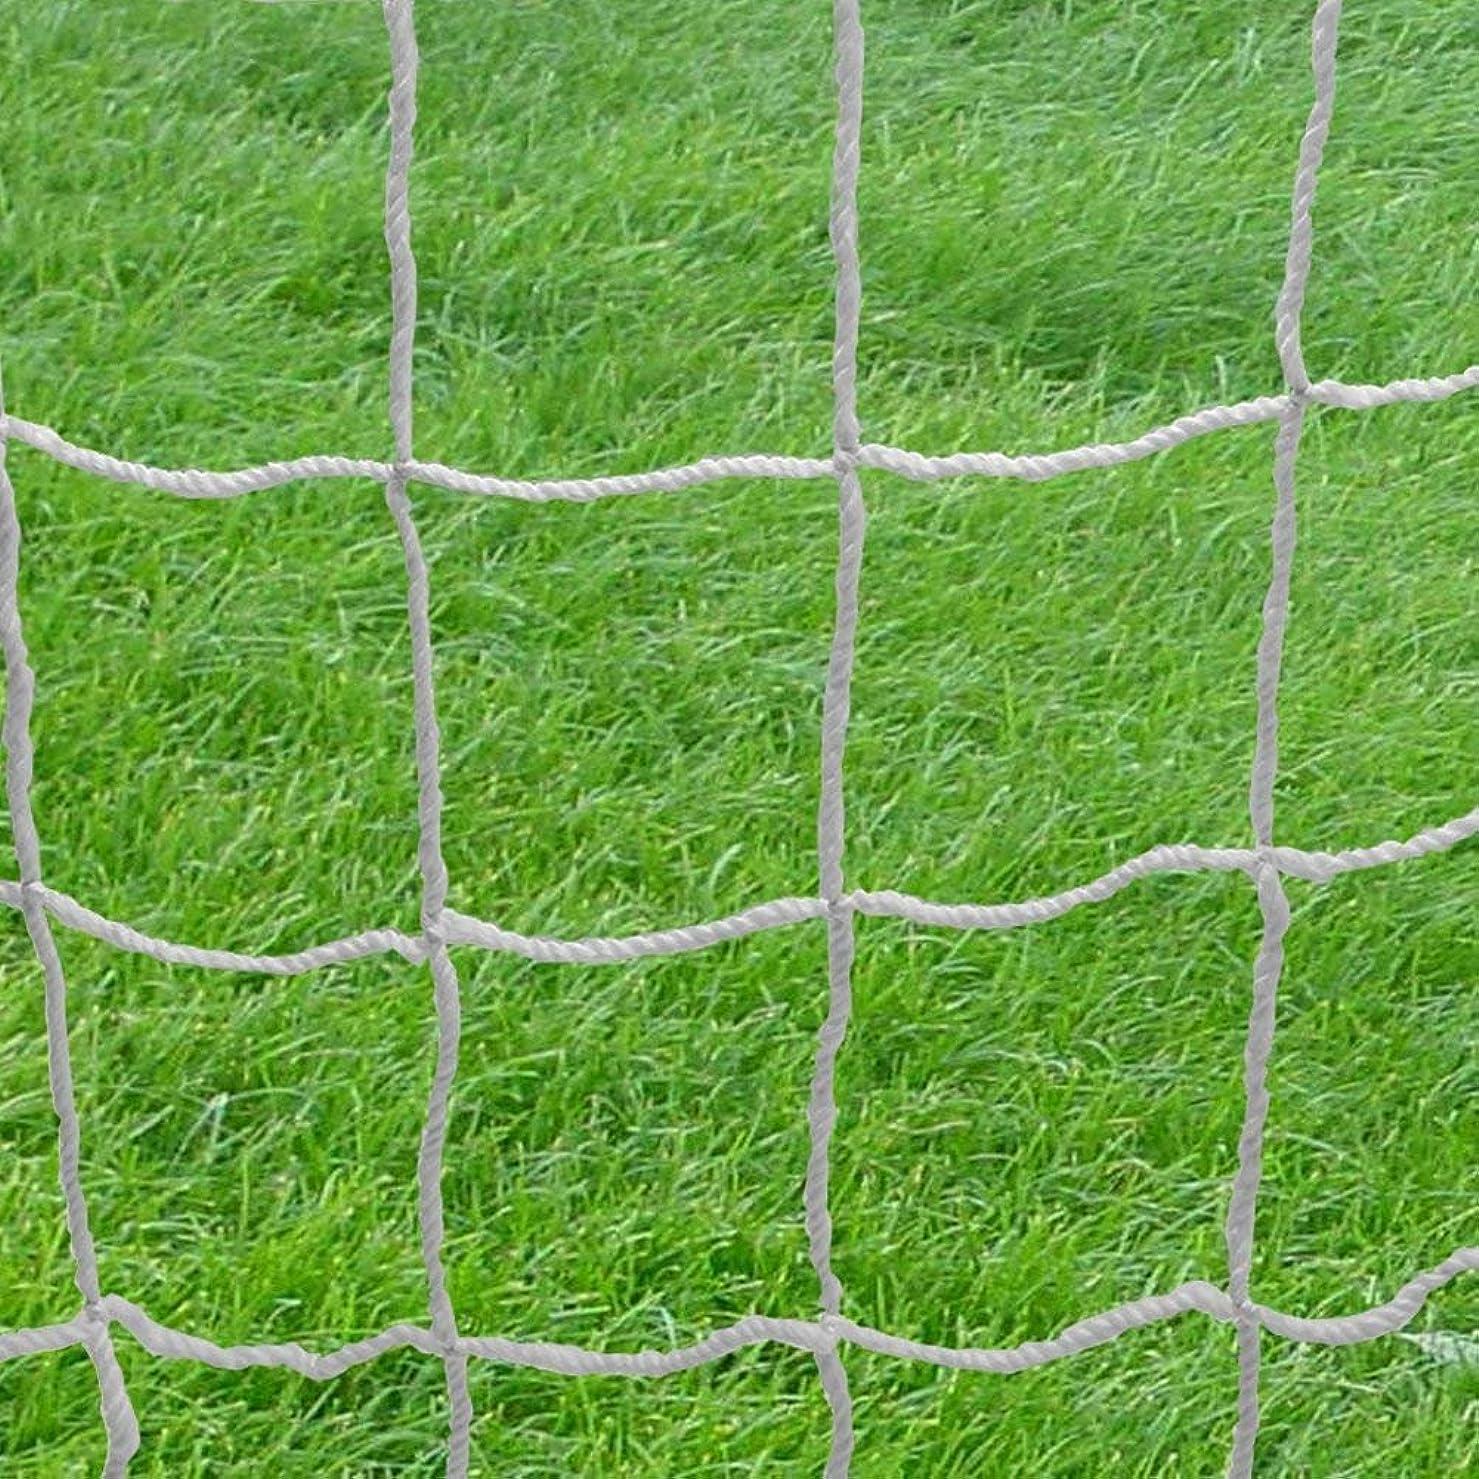 臭い恥ずかしいのt-bestマルチサイズSoccer Netスポーツ交換用Football Soccer Goal Post Net